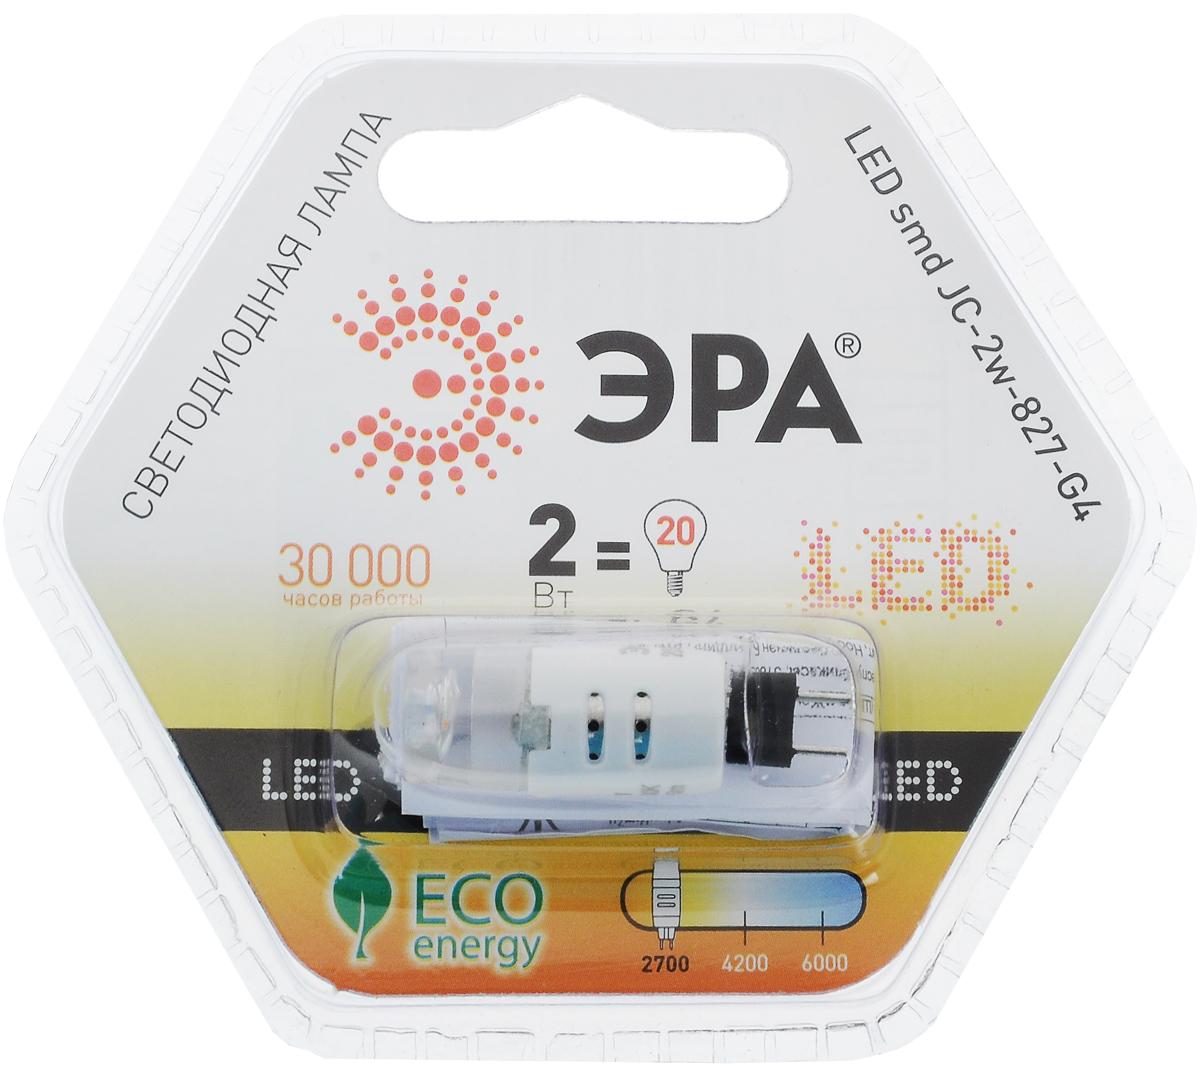 Лампа светодиодная ЭРА, цоколь G4, 12V, 2W, 2700К5055398662984Светодиодная лампа ЭРА - энергосберегающая лампа общего и декоративного освещения. Колба лампы выполнена в форме капсулы. Лампа G4 повторяет форму и размеры стандартных галогенных капсульных ламп и идеально подходит к любому светильнику, в котором используются данные типы ламп. Сочетает в себе компактный размер и особую яркость. В светодиодных лампах серий G4 применяются высокоэффективные светодиоды, что обеспечивает высокую надежность и эффективность источников света.Индекс цветопередачи: RA>80. Напряжение: 12 В.